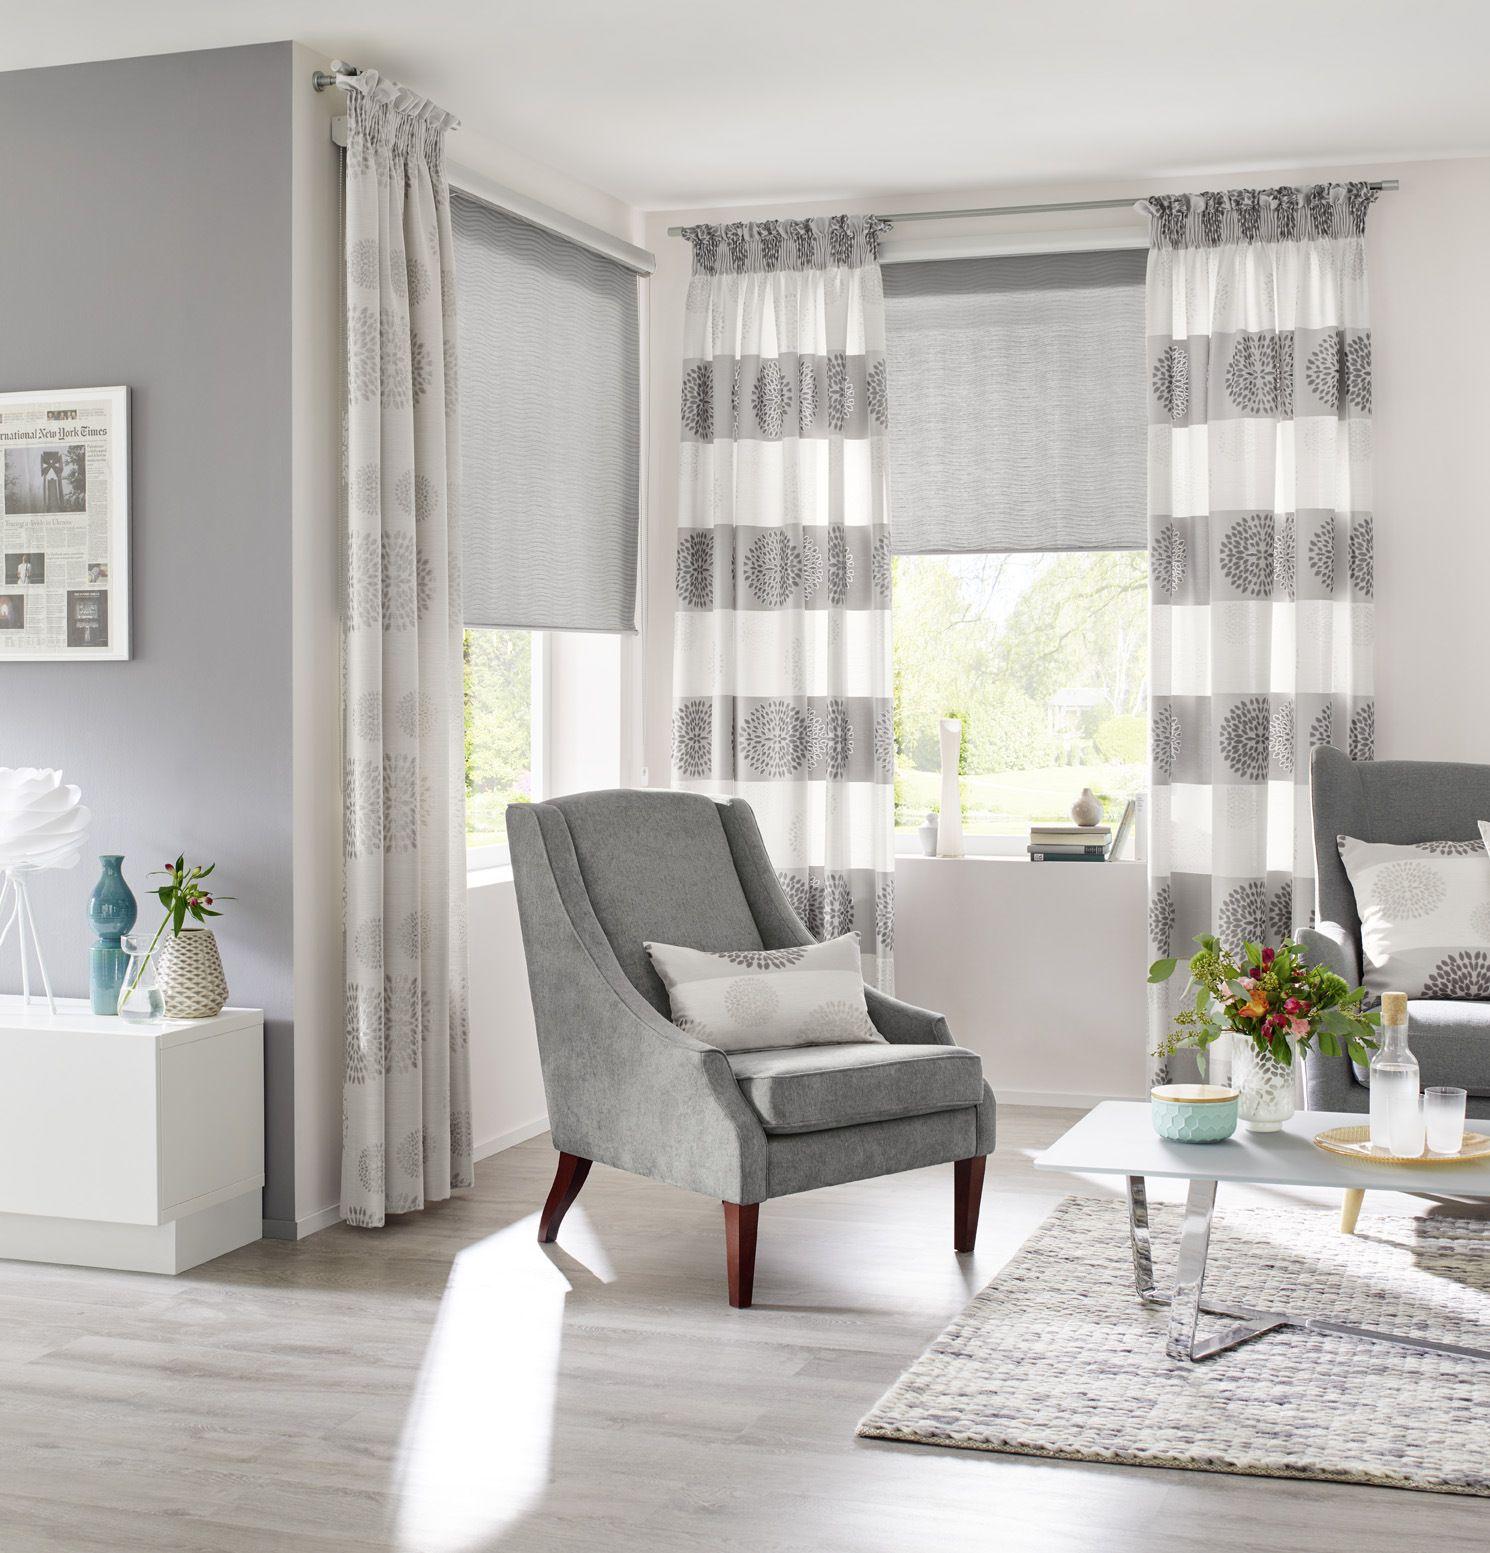 fenster globe, gardinen, dekostoffe, vorhang, wohnstoffe,plissees, Wohnzimmer dekoo